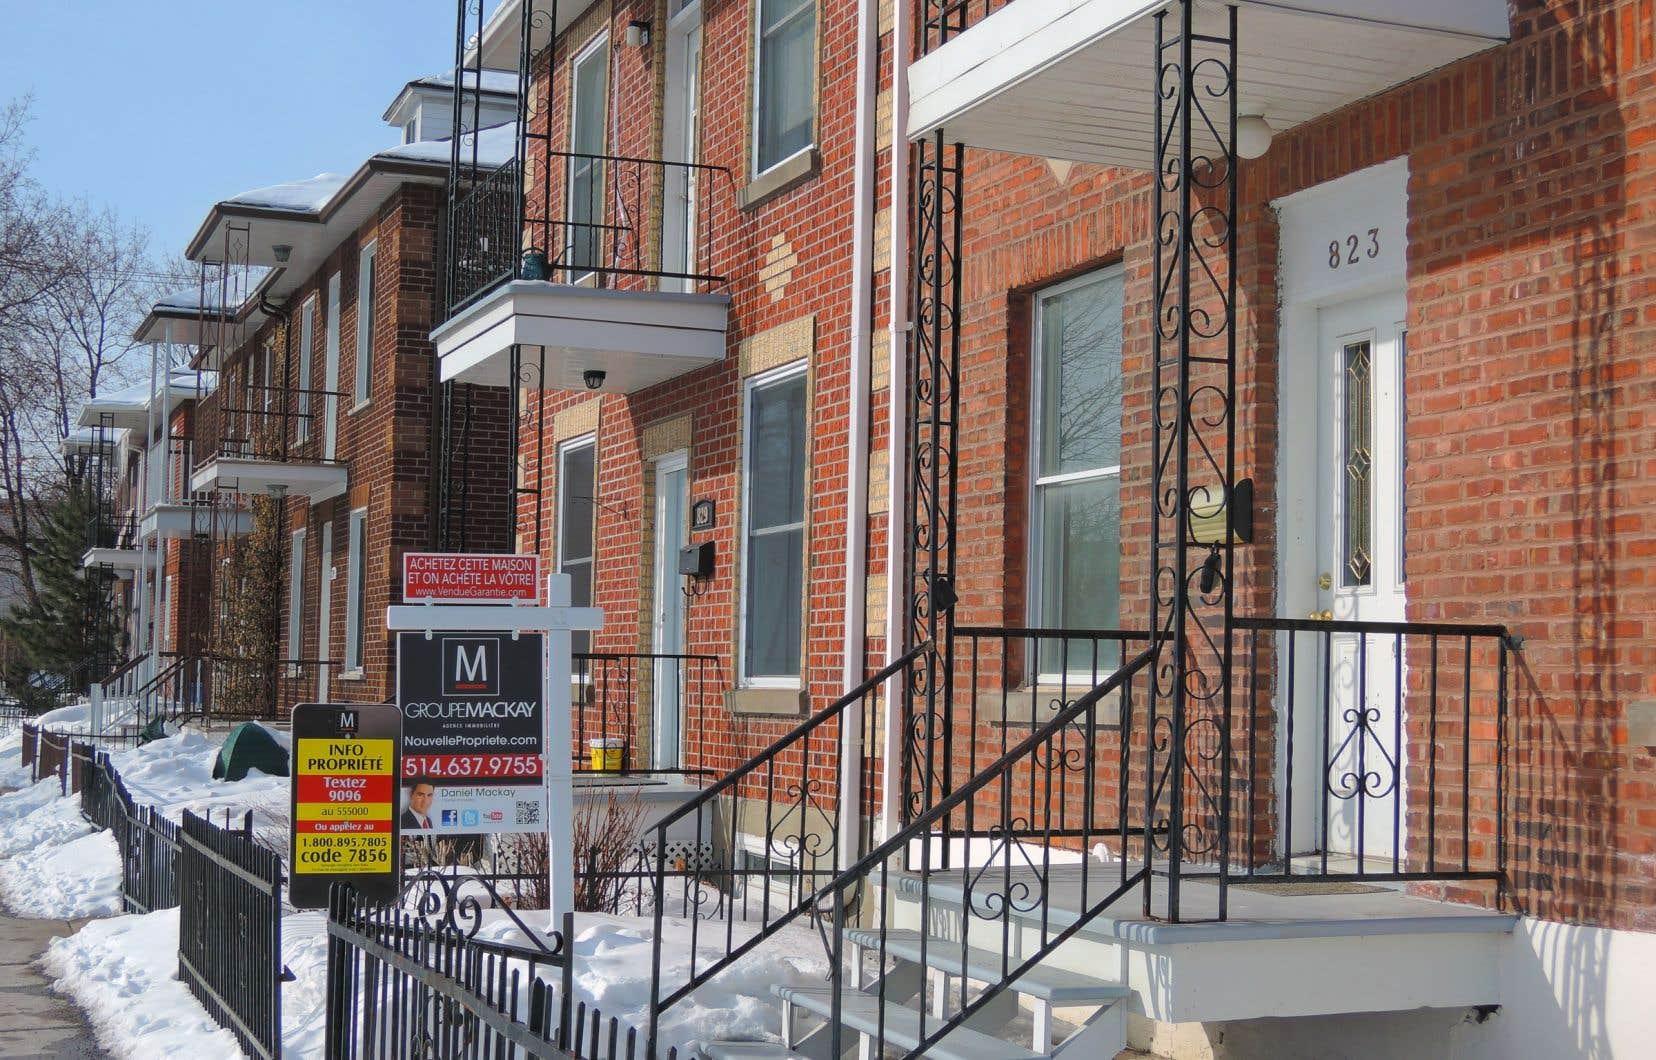 La région métropolitaine de Montréal a établi un nouveau record d'activité en janvier en affichant une croissance de 17% des ventes.